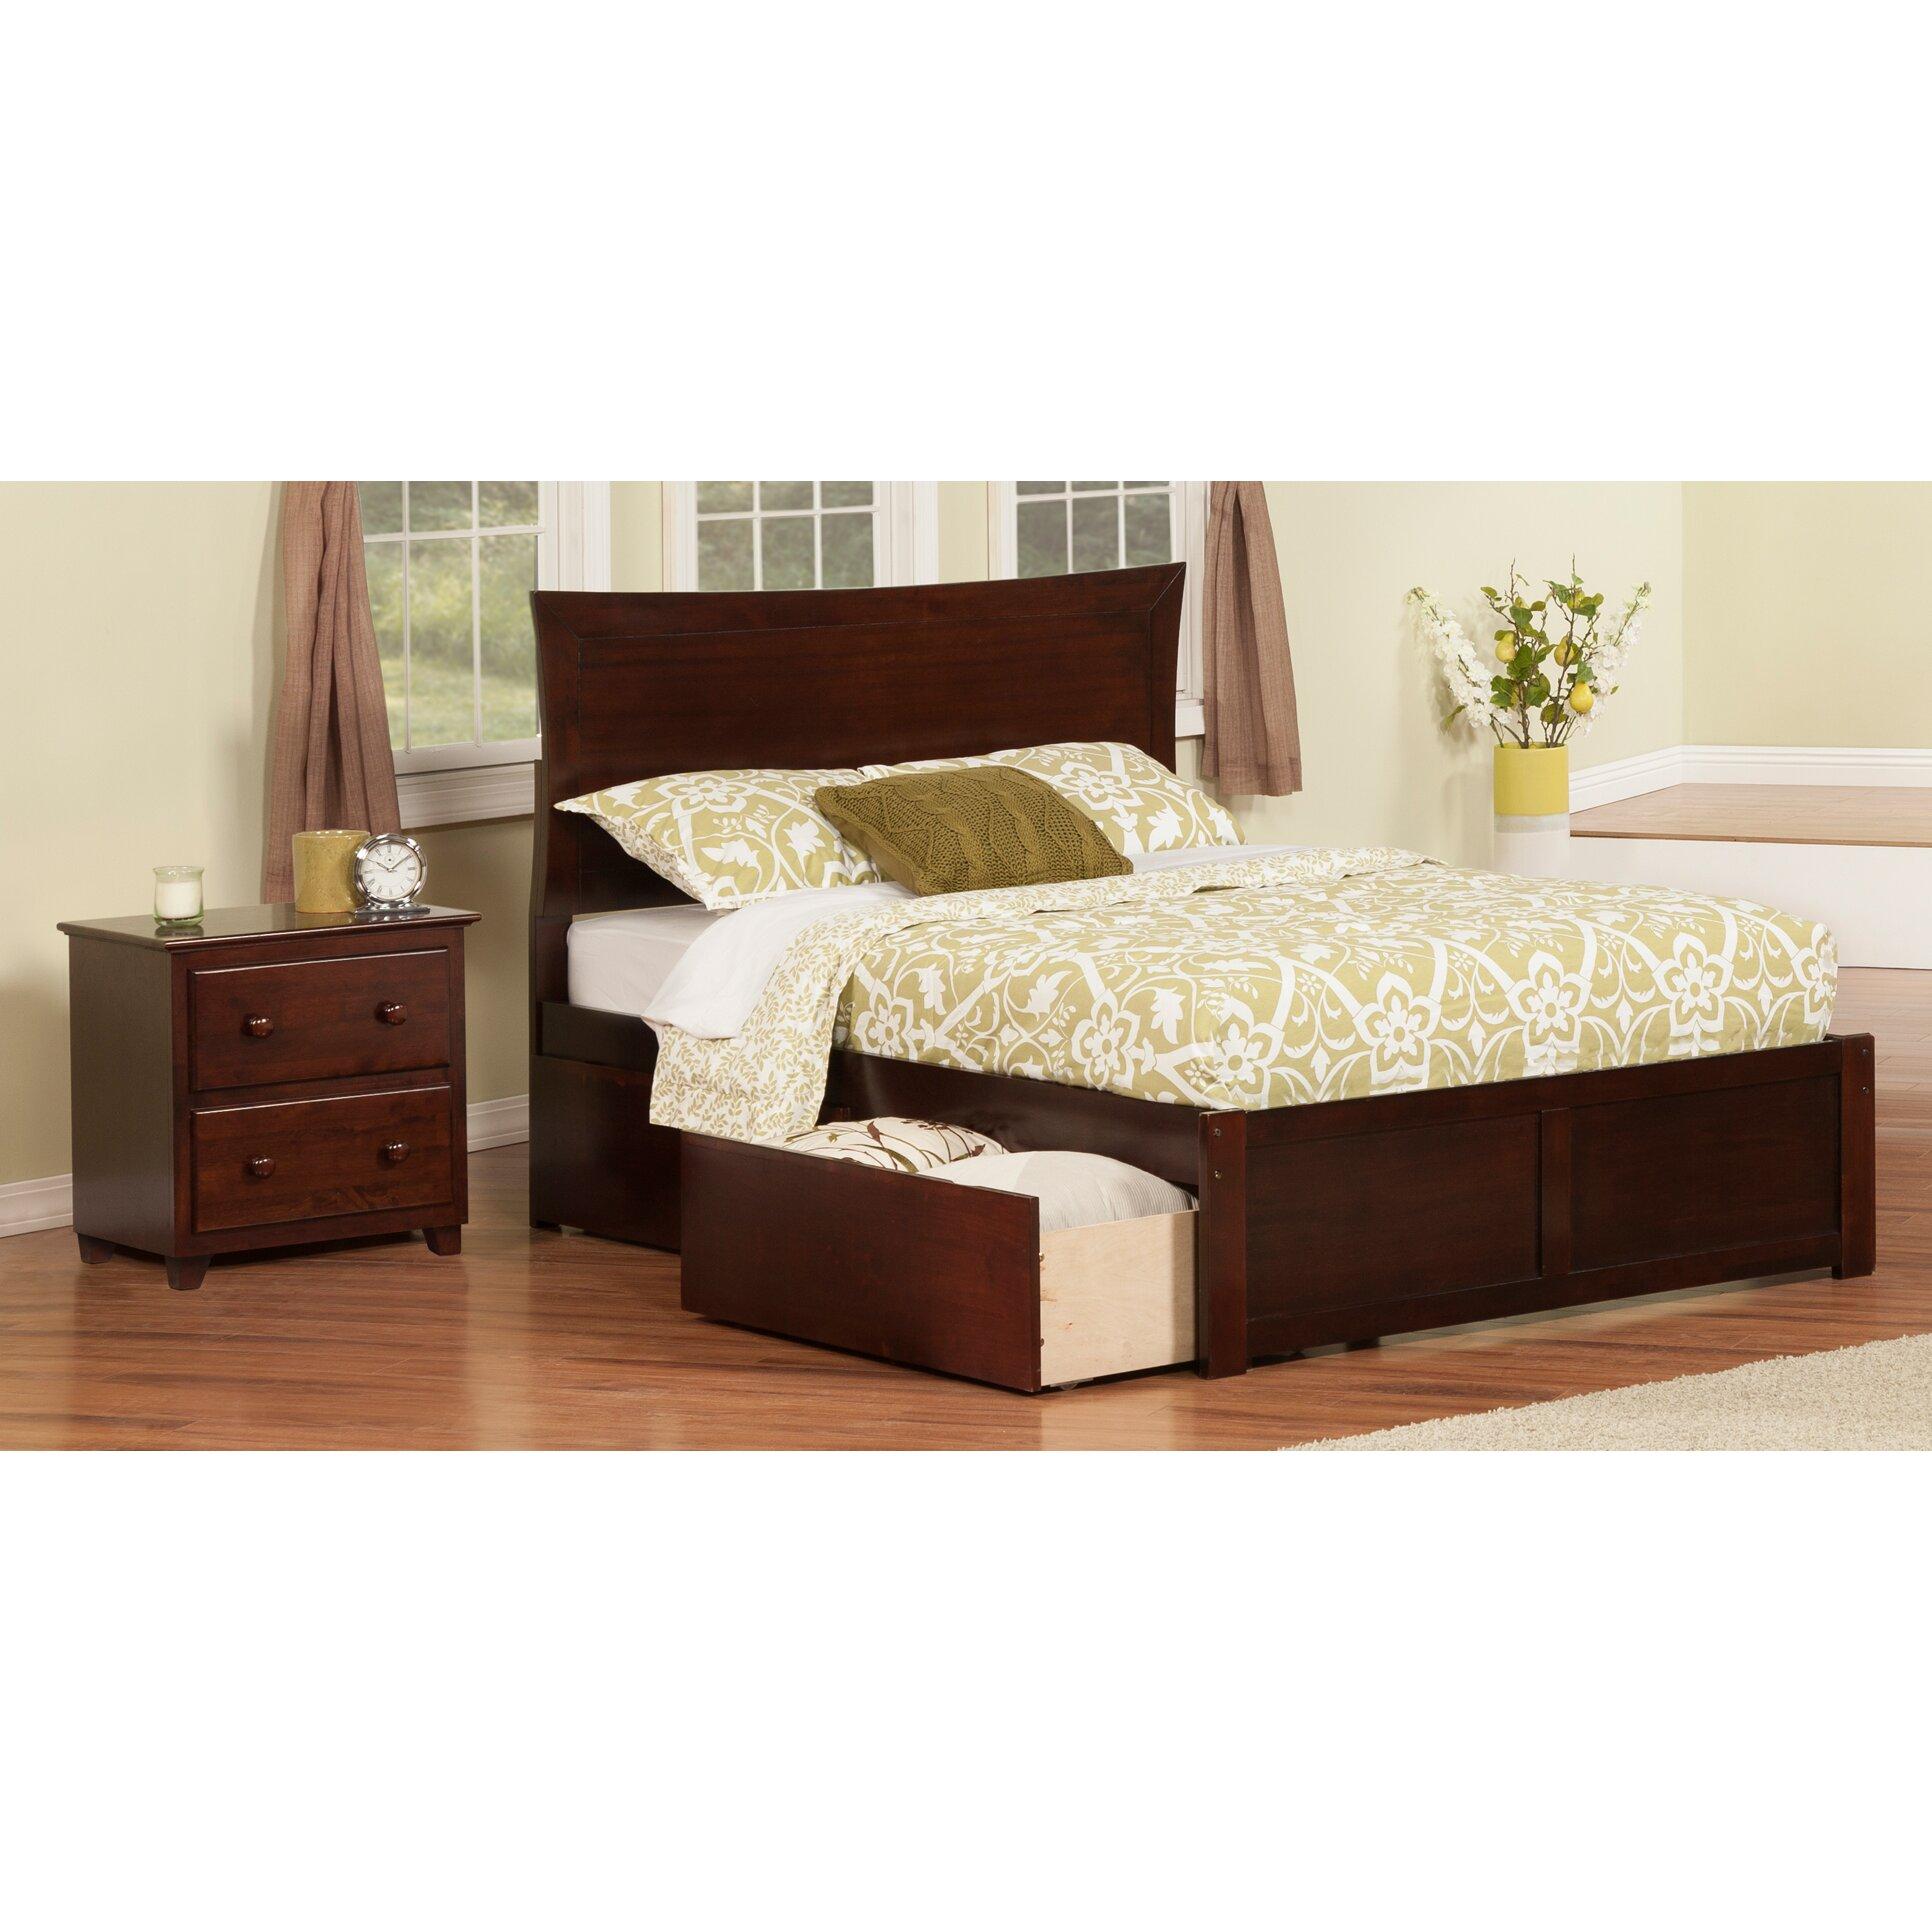 viv rae egon panel 2 piece bedroom set reviews wayfair. Black Bedroom Furniture Sets. Home Design Ideas